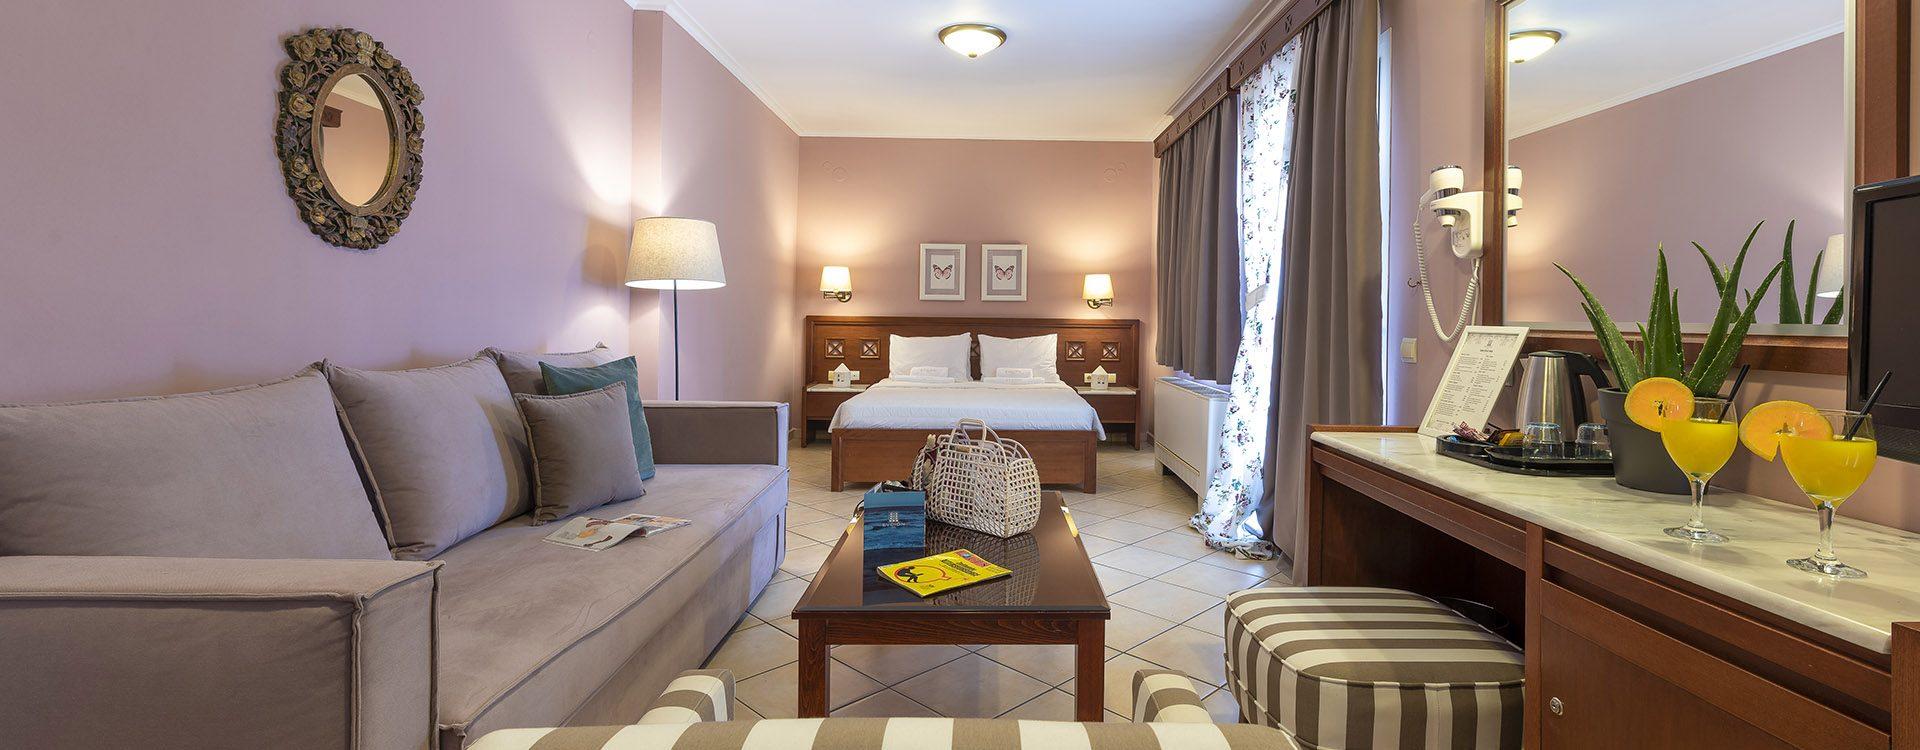 ξενοδοχειο πιερια - Evdion Hotel